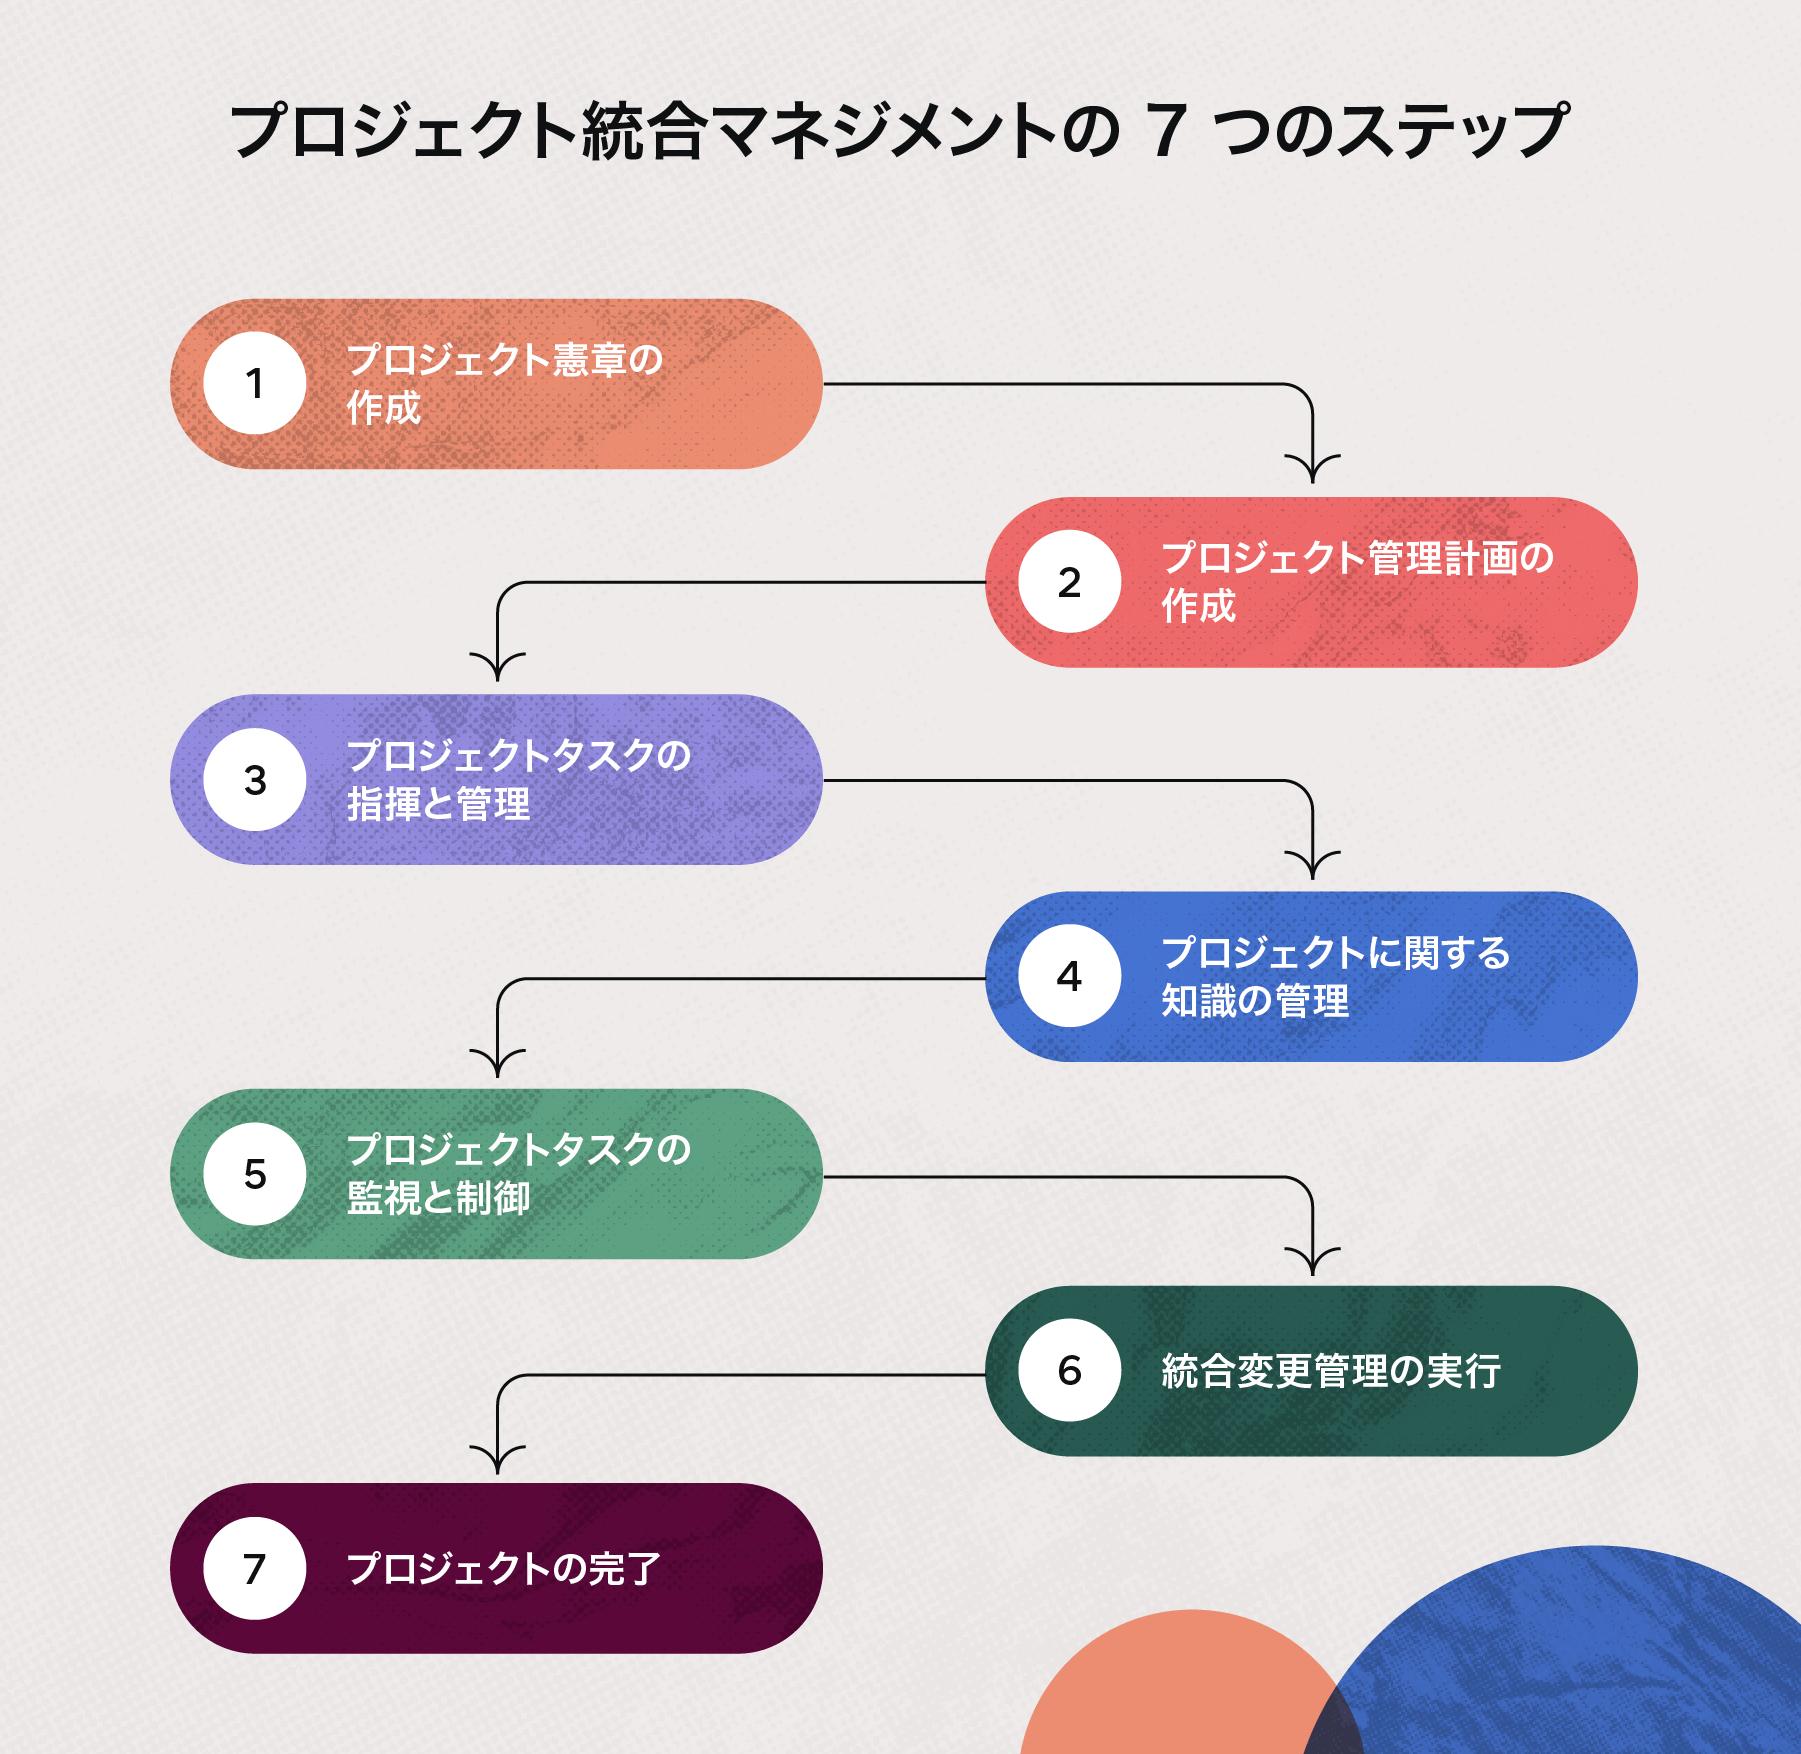 プロジェクト統合マネジメントの 7 つのステップ